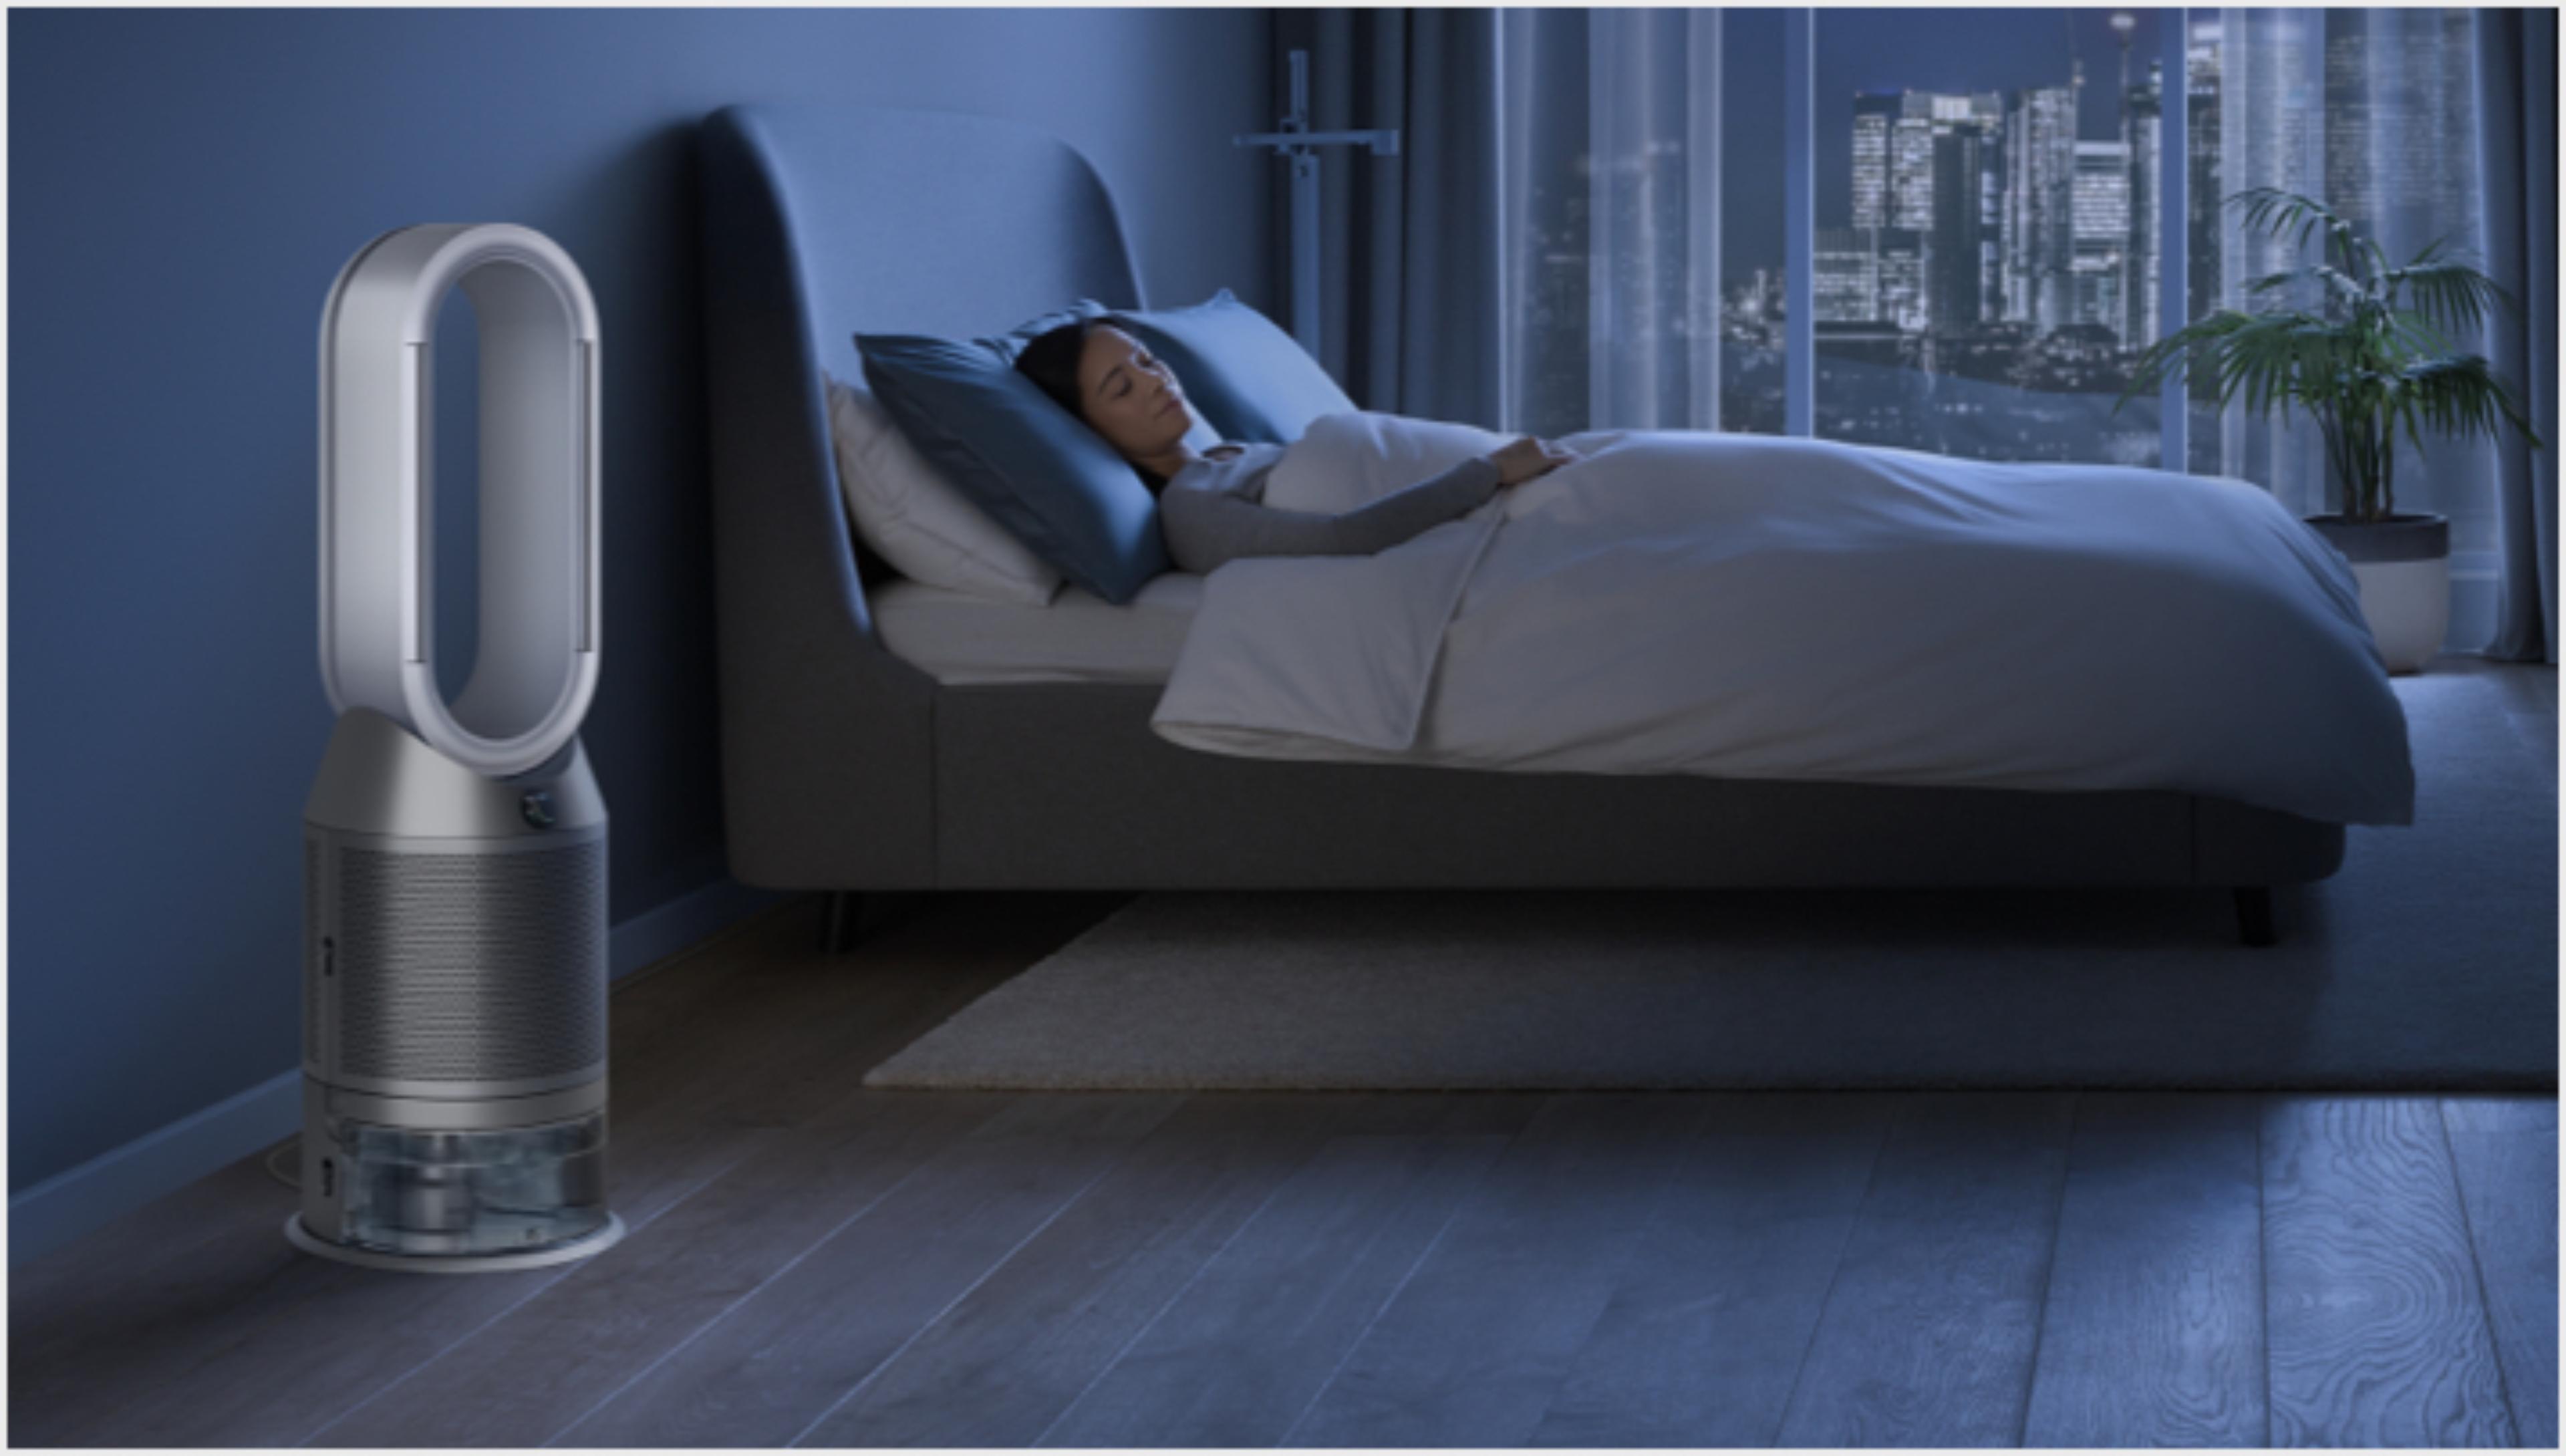 Kobieta w łóżku obok oczyszczacza z funkcją nawilżania Dyson